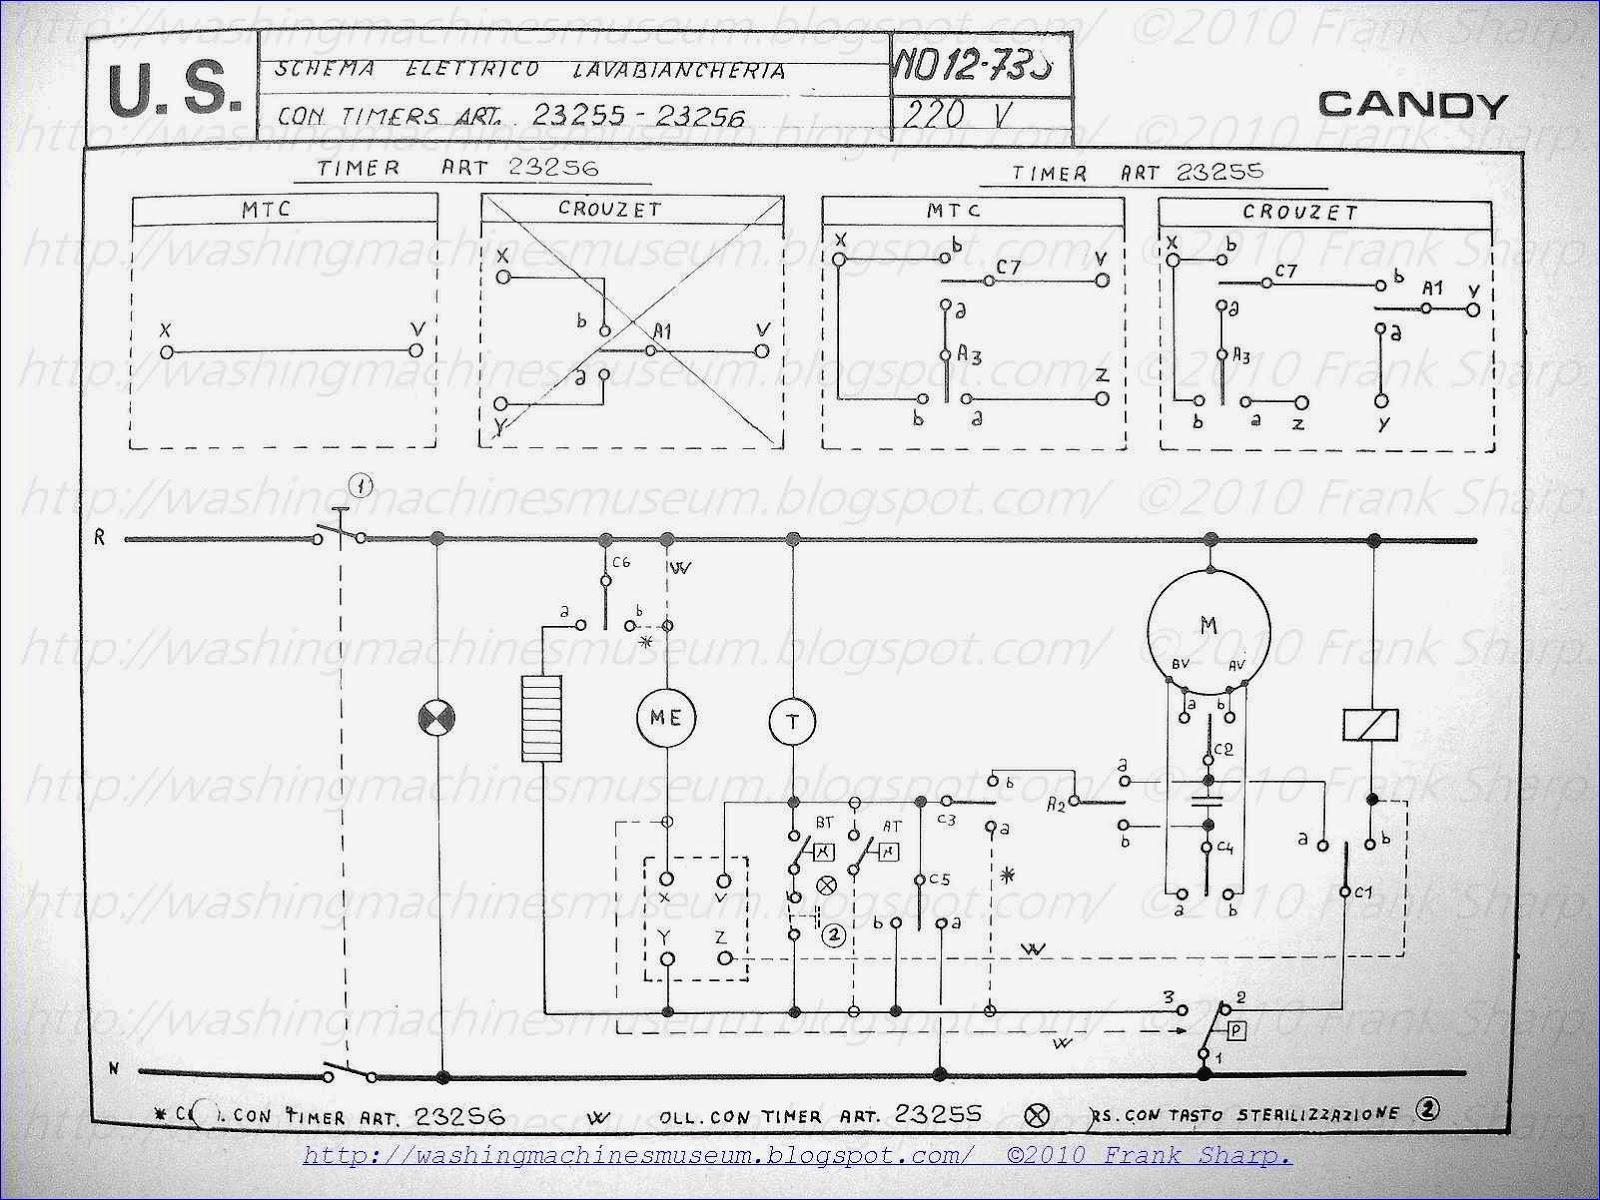 wiring diagram ge washer g153 wiring diagram metawiring diagram ge washer g153 wiring diagram site wiring diagram ge washer g153